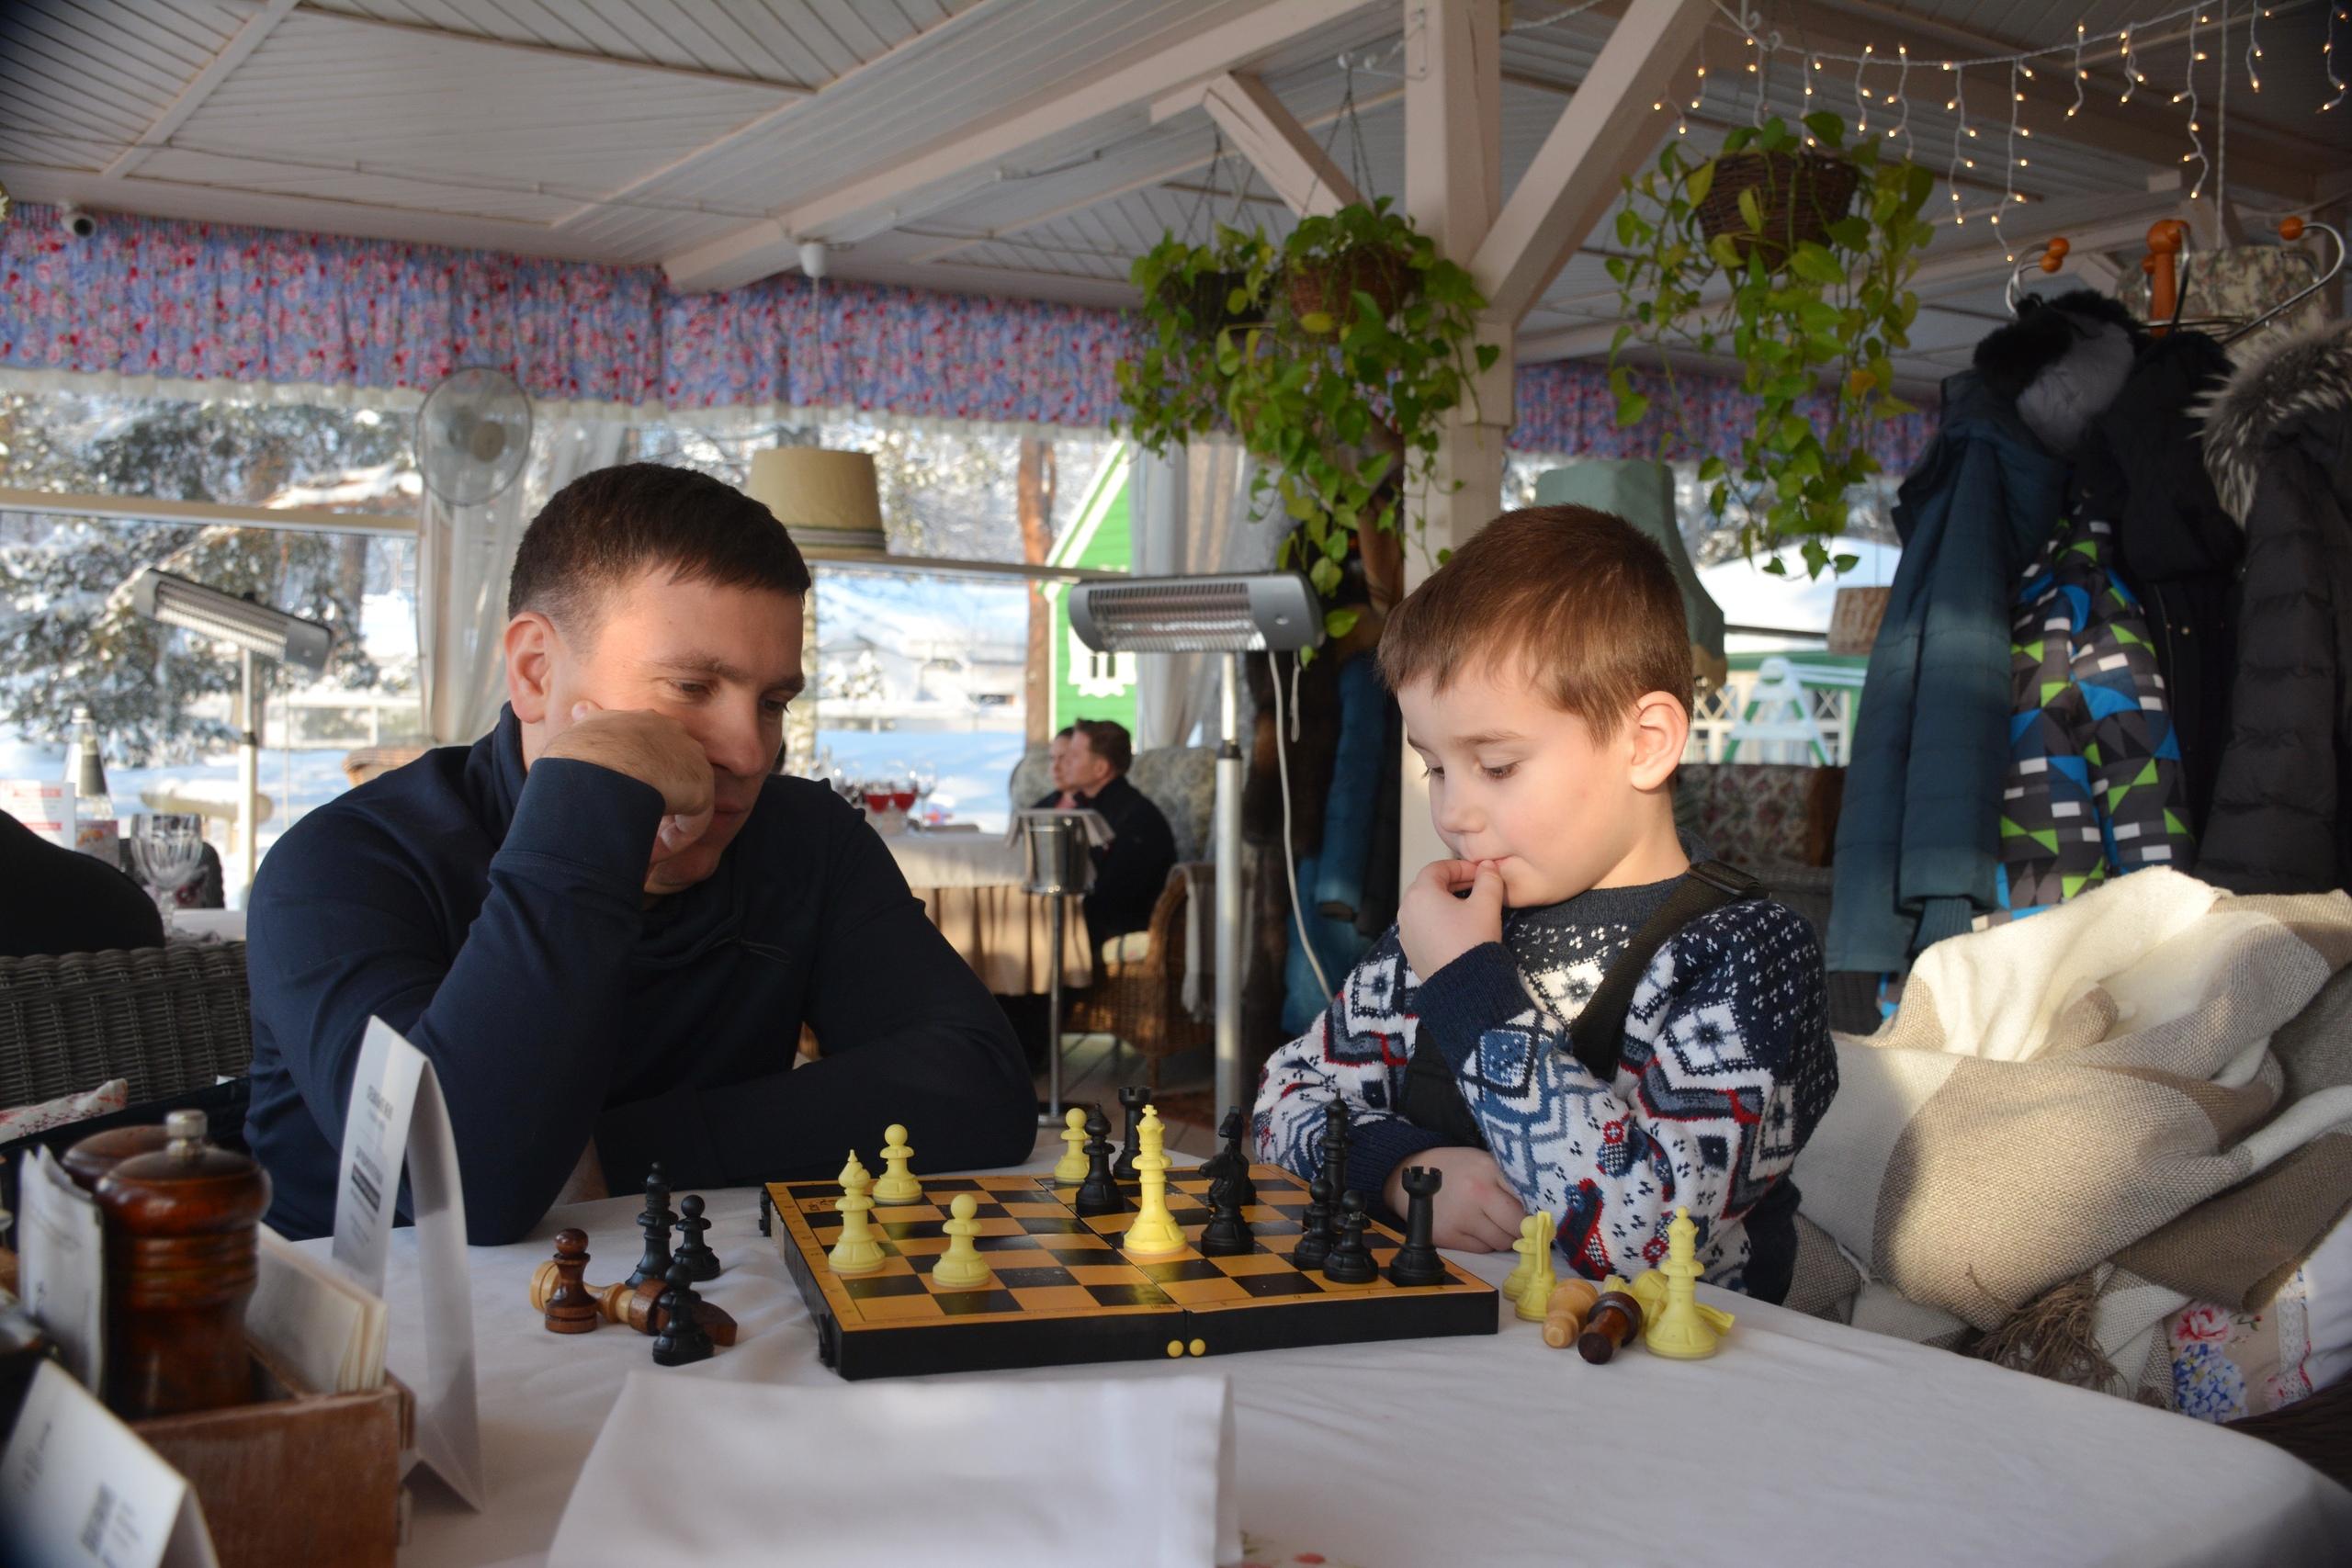 Шахматисты. Вместе весело!